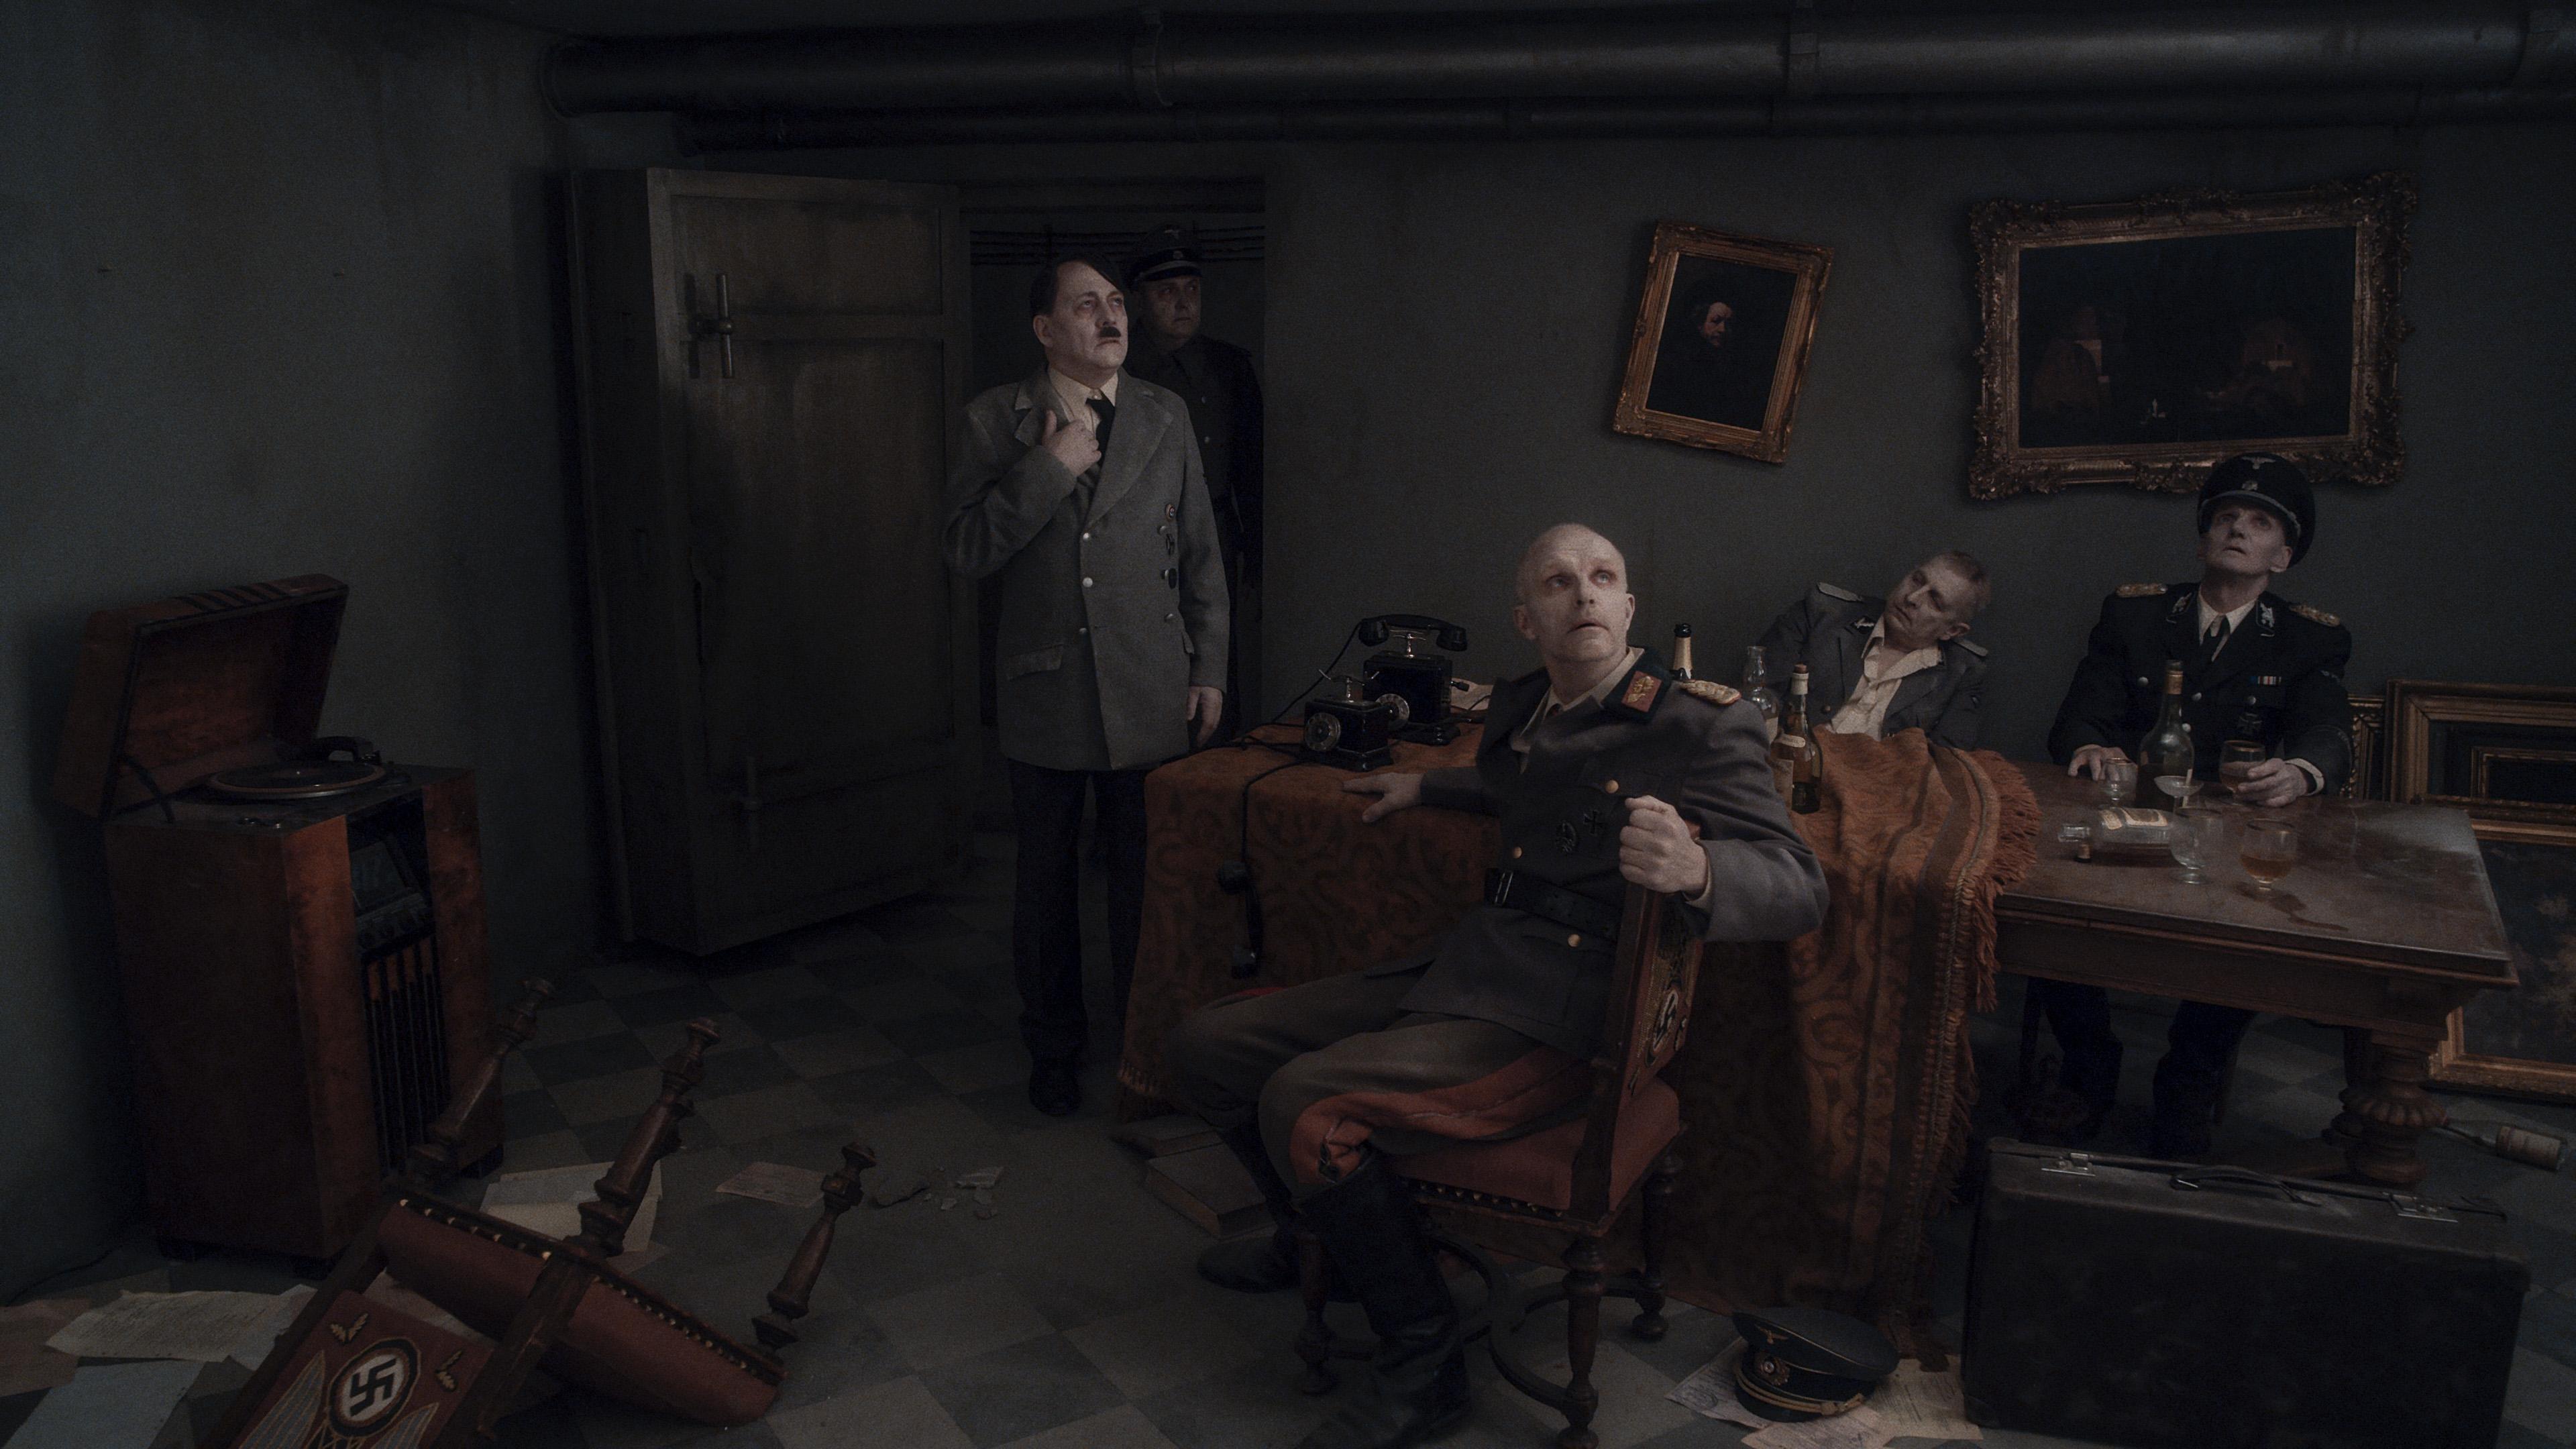 瑞典大師洛伊安德森重返影壇,超費工打造《千日千夜》絕美奇幻世界,也讓他拿下威尼斯最佳導演銀獅獎